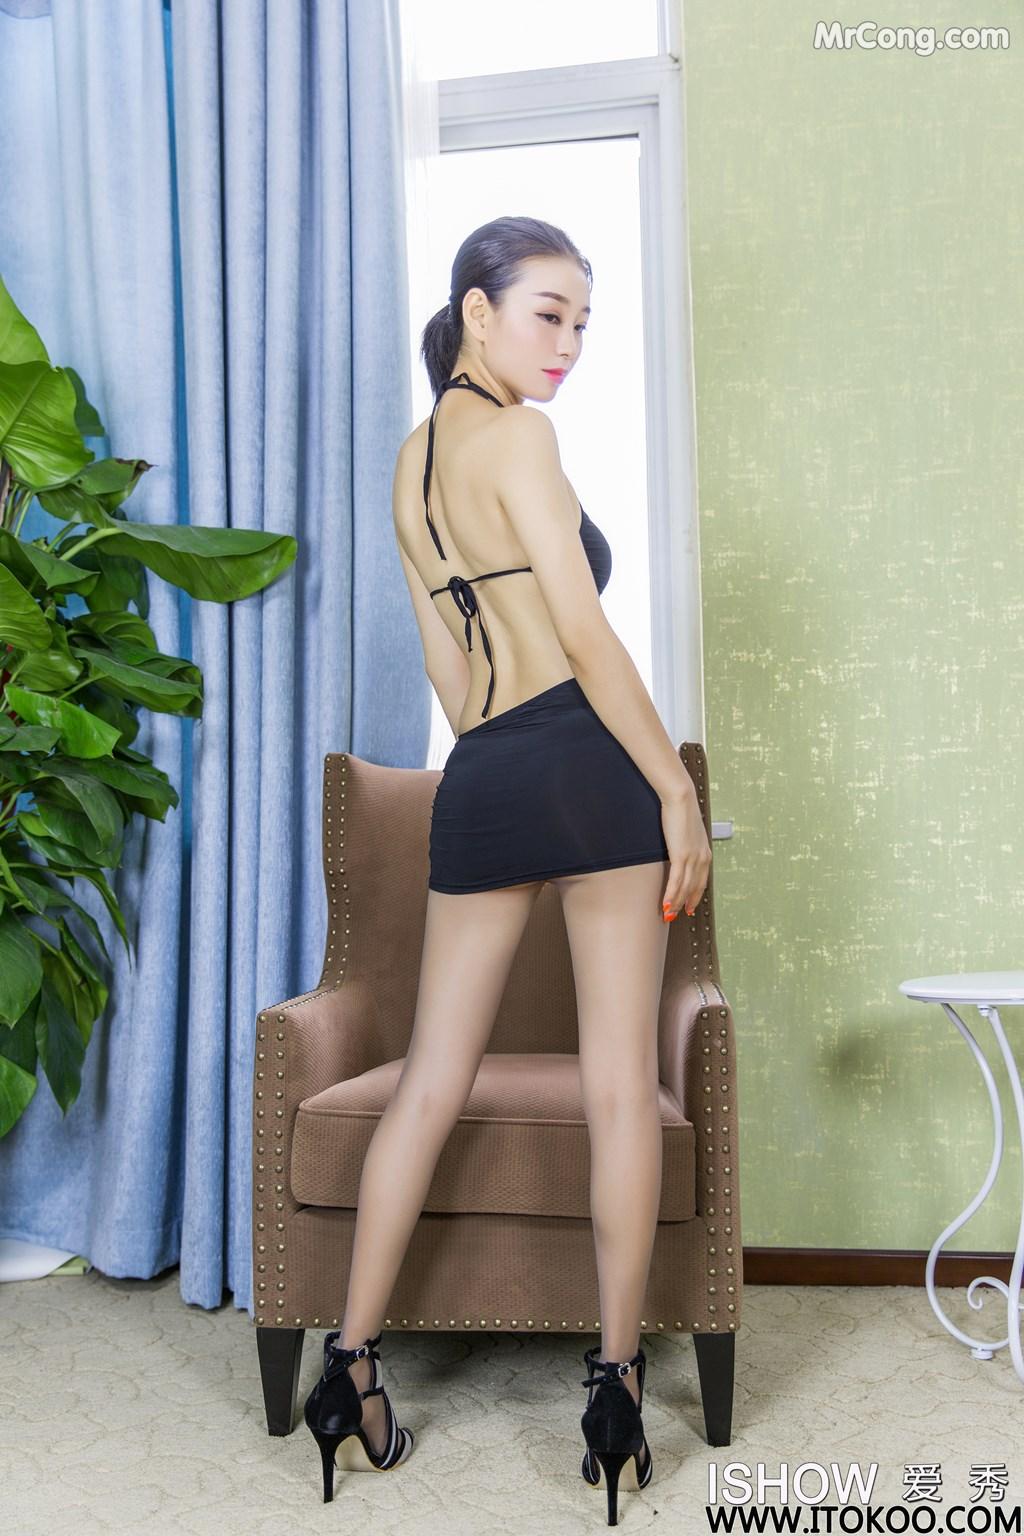 Image ISHOW-No.180-Xiao-Fan-MrCong.com-009 in post ISHOW No.180: Người mẫu Xiao Fan (小凡) (31 ảnh)